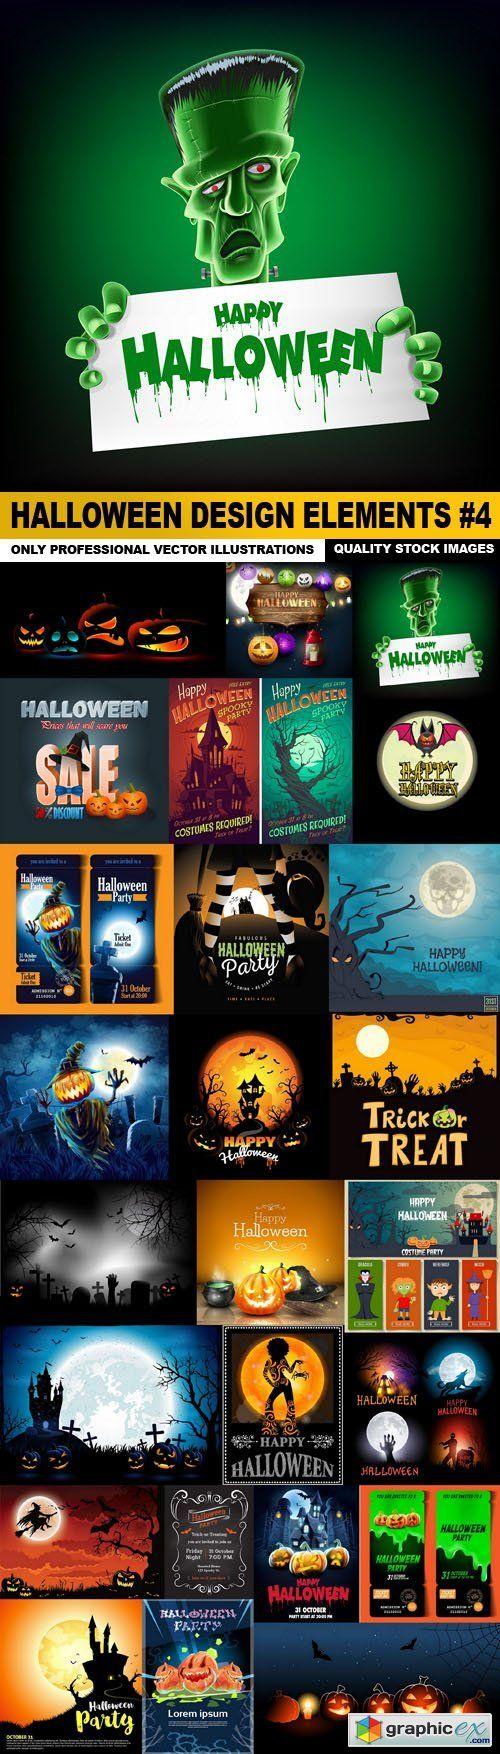 Halloween Design Elements #4 - 25 Vector